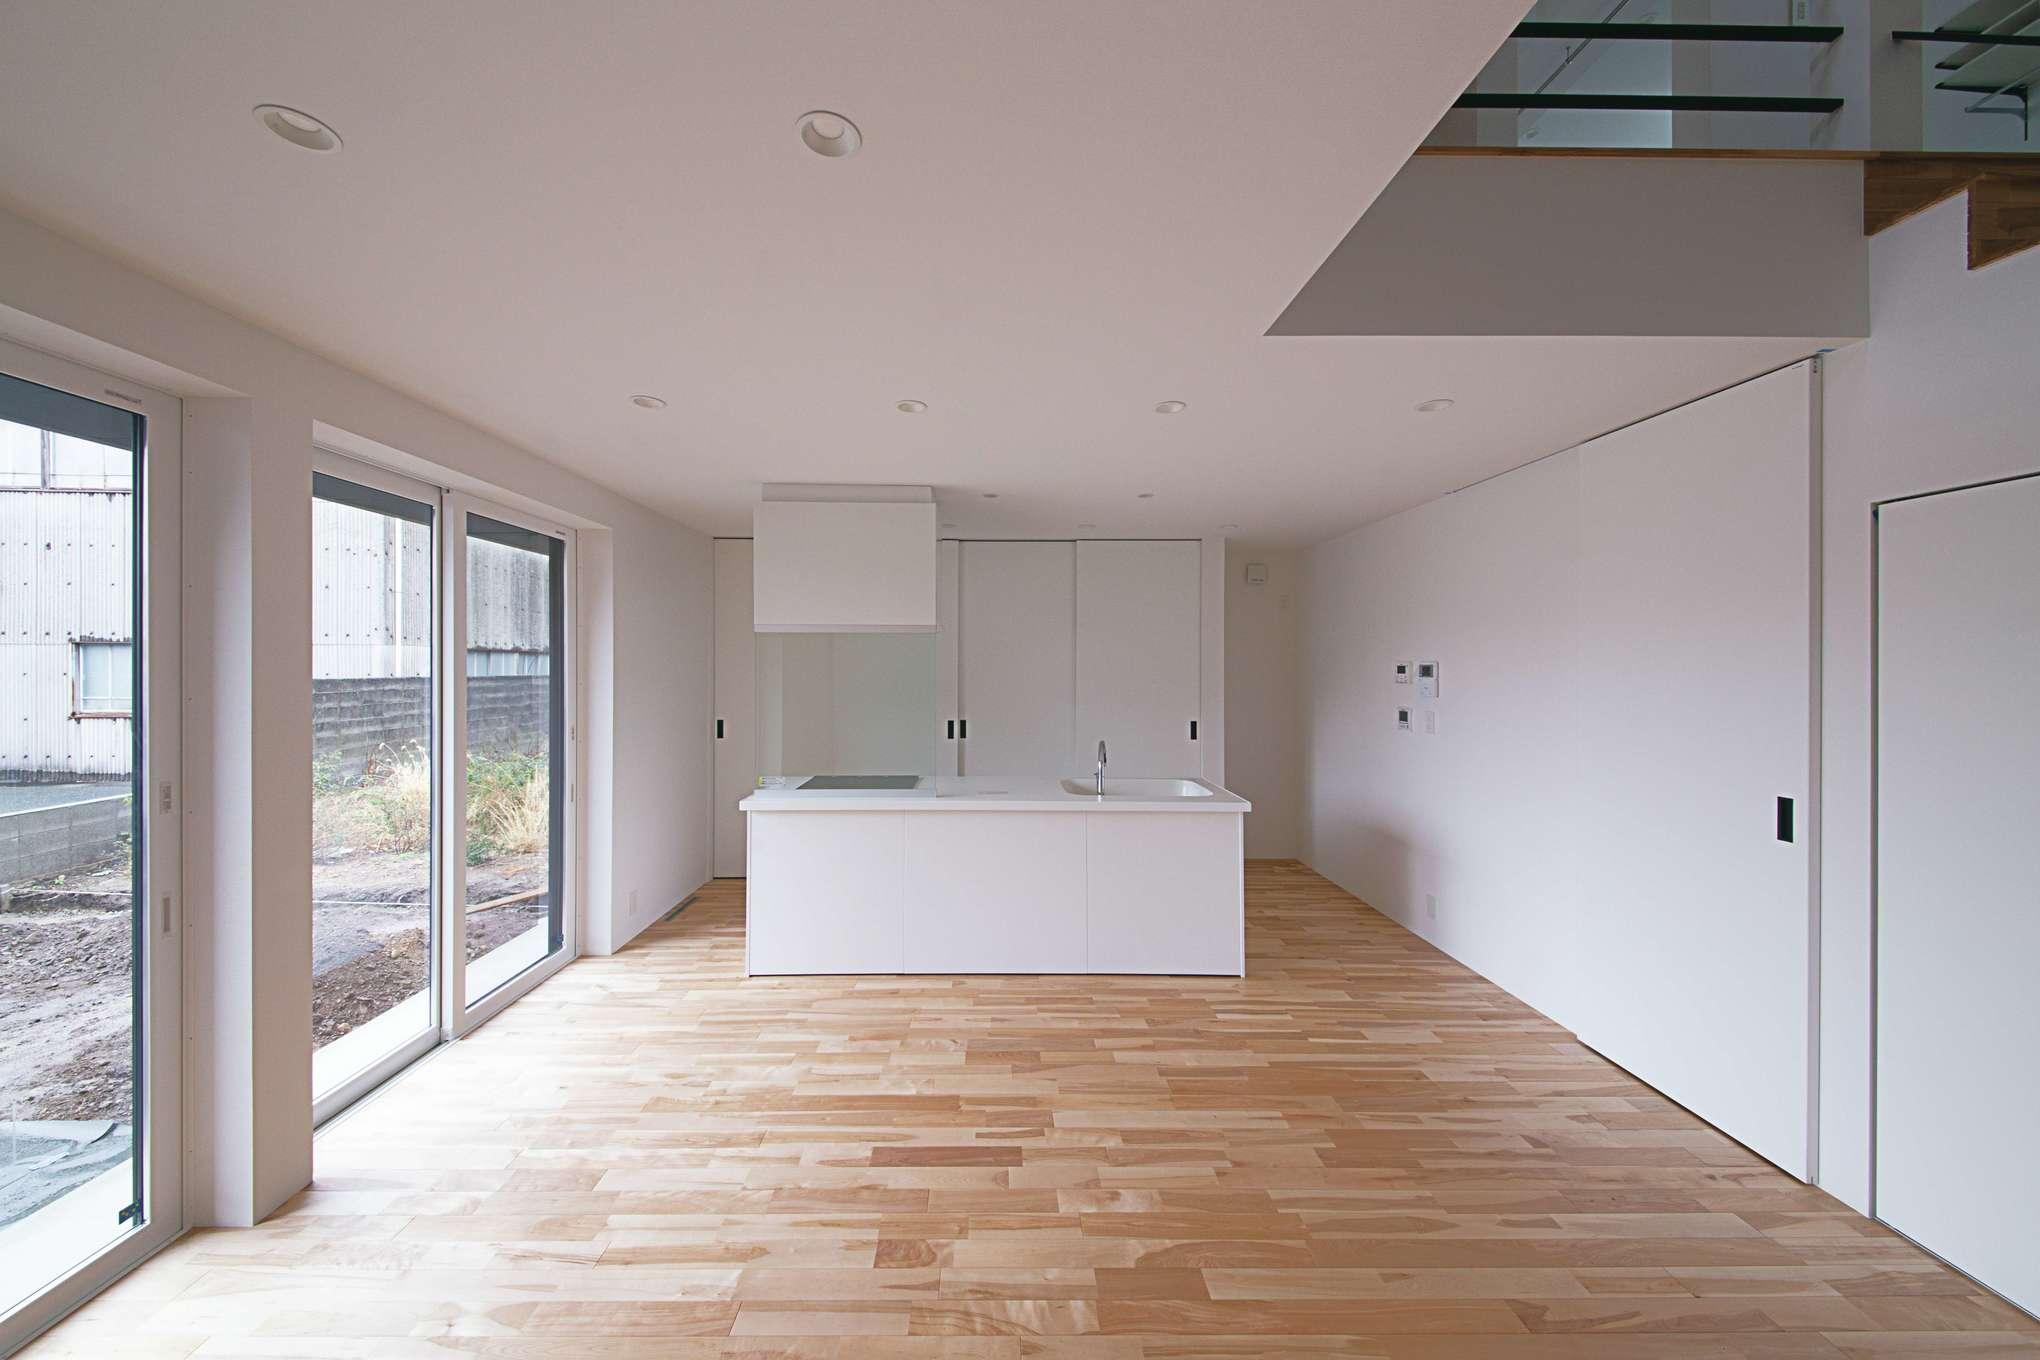 アイランドキッチンを中心に回遊動線を確保したLDK。キッチンの背面が収納になっている。室内の床はカバザクラ。無垢の上質感がワンクラス上の空間を演出